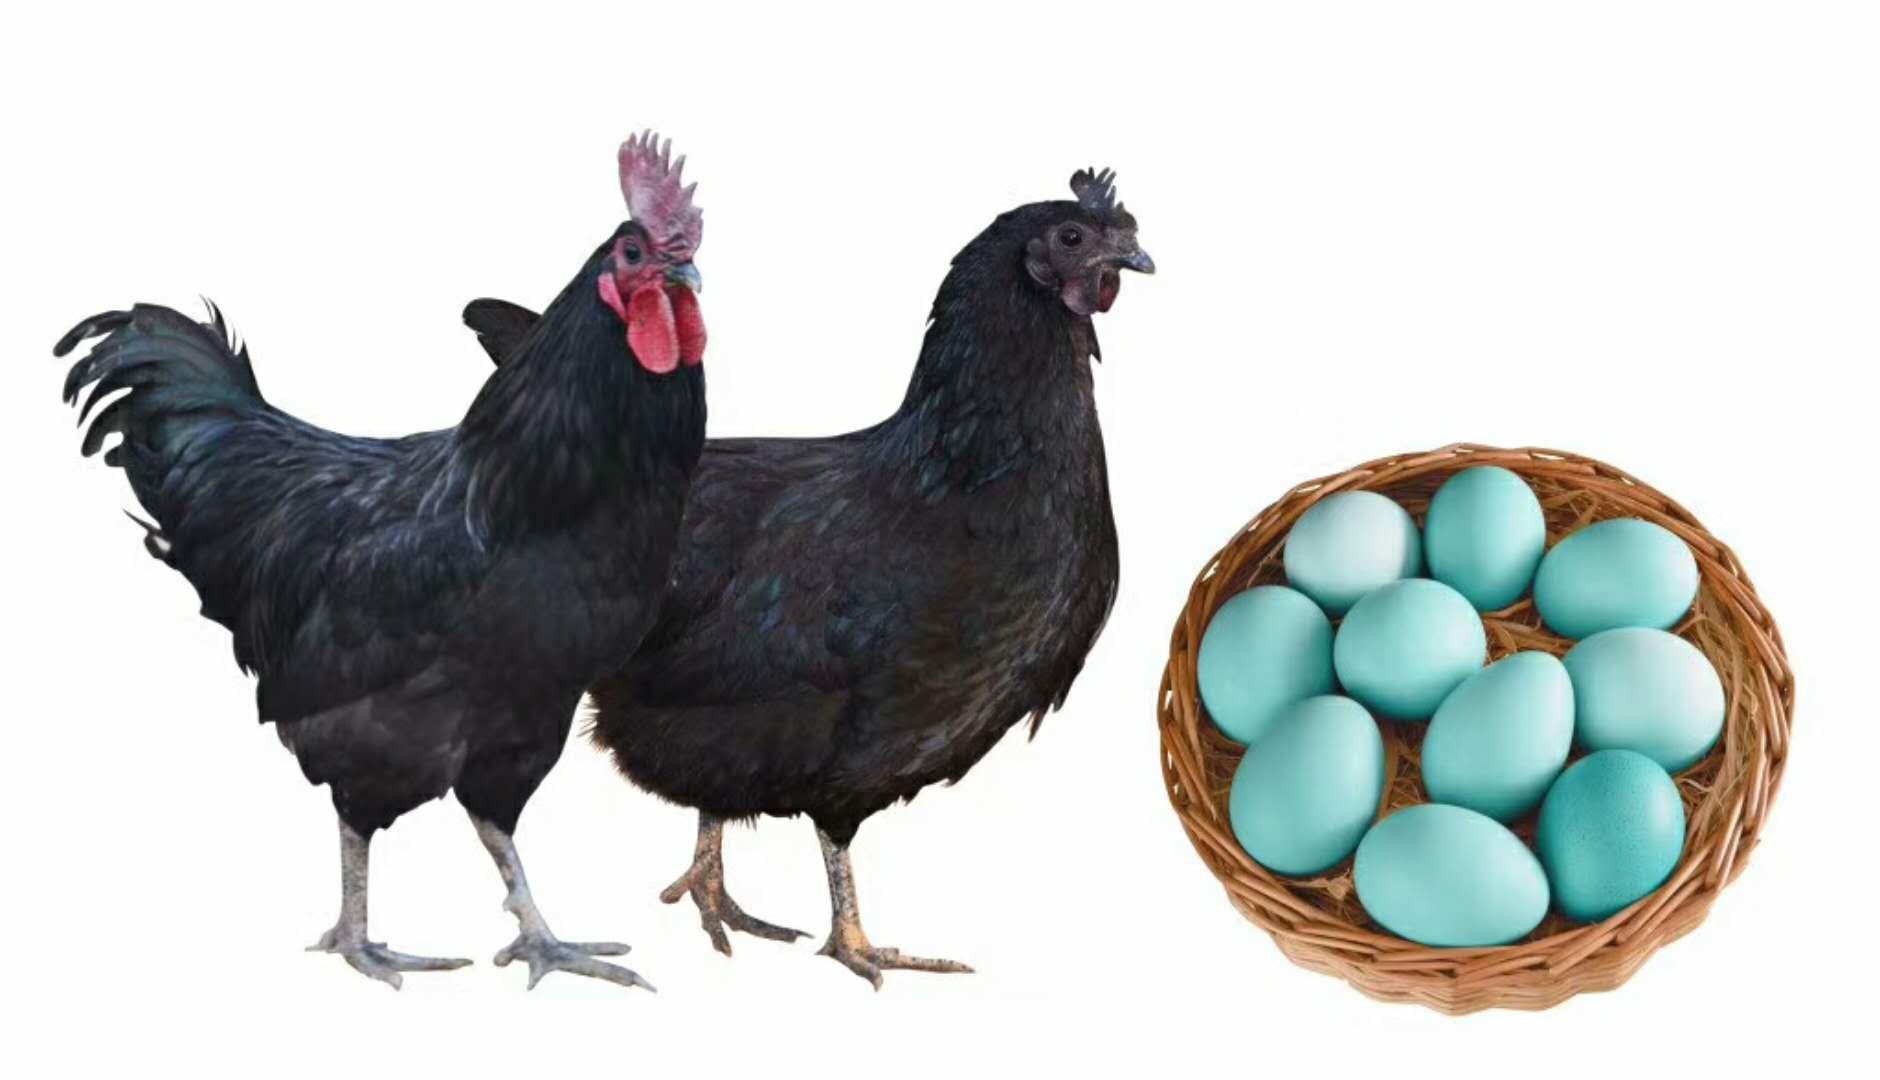 朔城繁殖綠殼蛋雞商品雞的價格